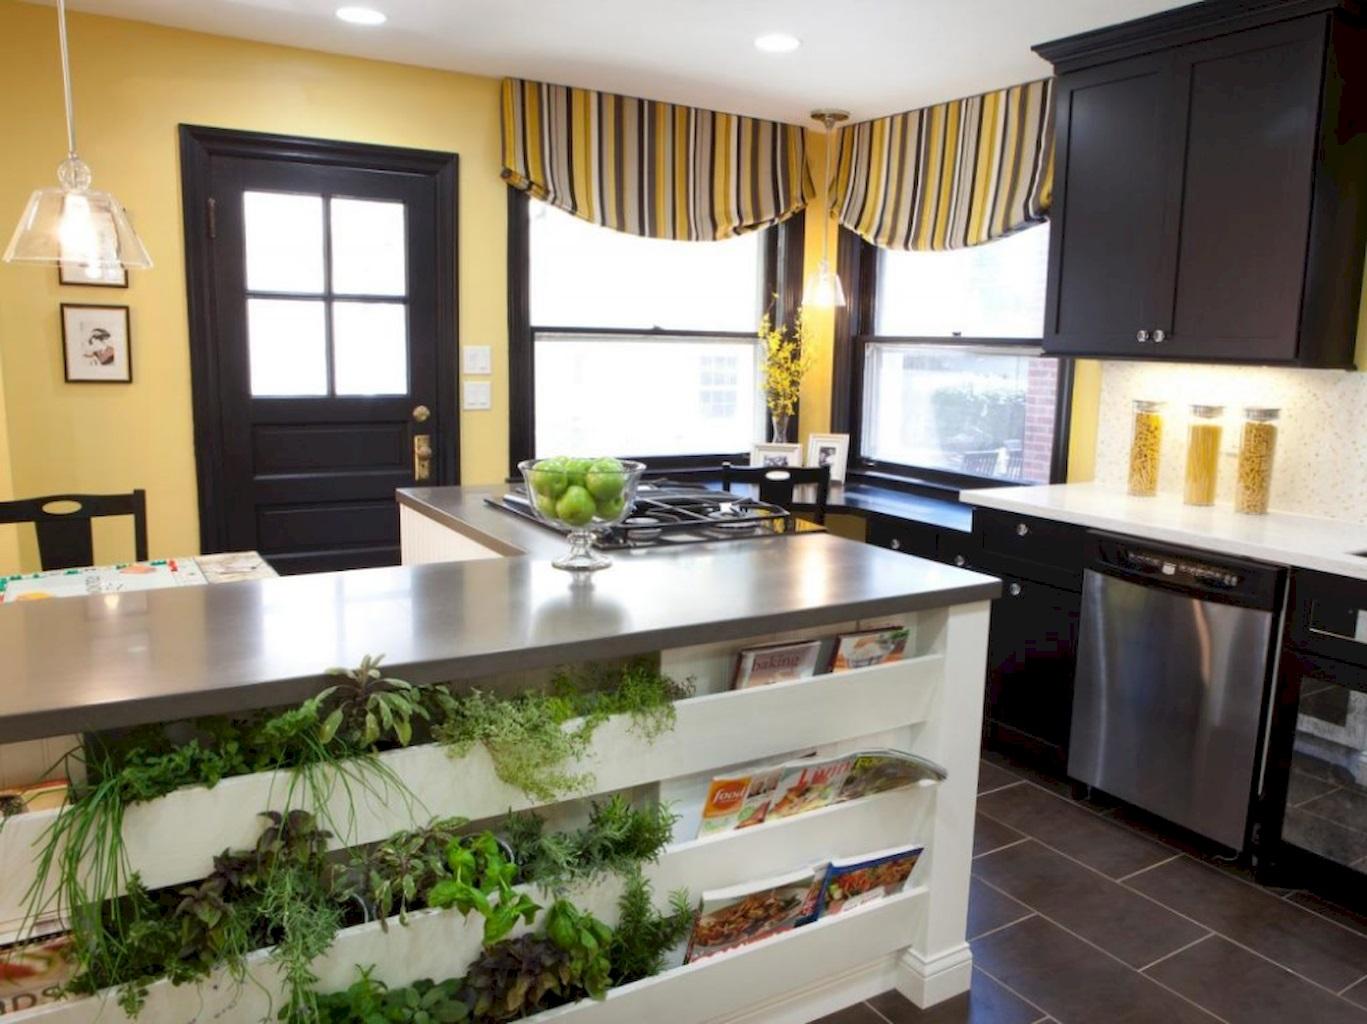 आज हम आपको इंडोर प्लांट लगाने के कुछ ऐसे आइडियाज देंगे, जिससे आप अपनी किचन का स्मार्ट मेकओवर कर सकते हैं। चलिए आपको दिखाते हैं किचन में मिनी गार्डन कैसे बनाएं...